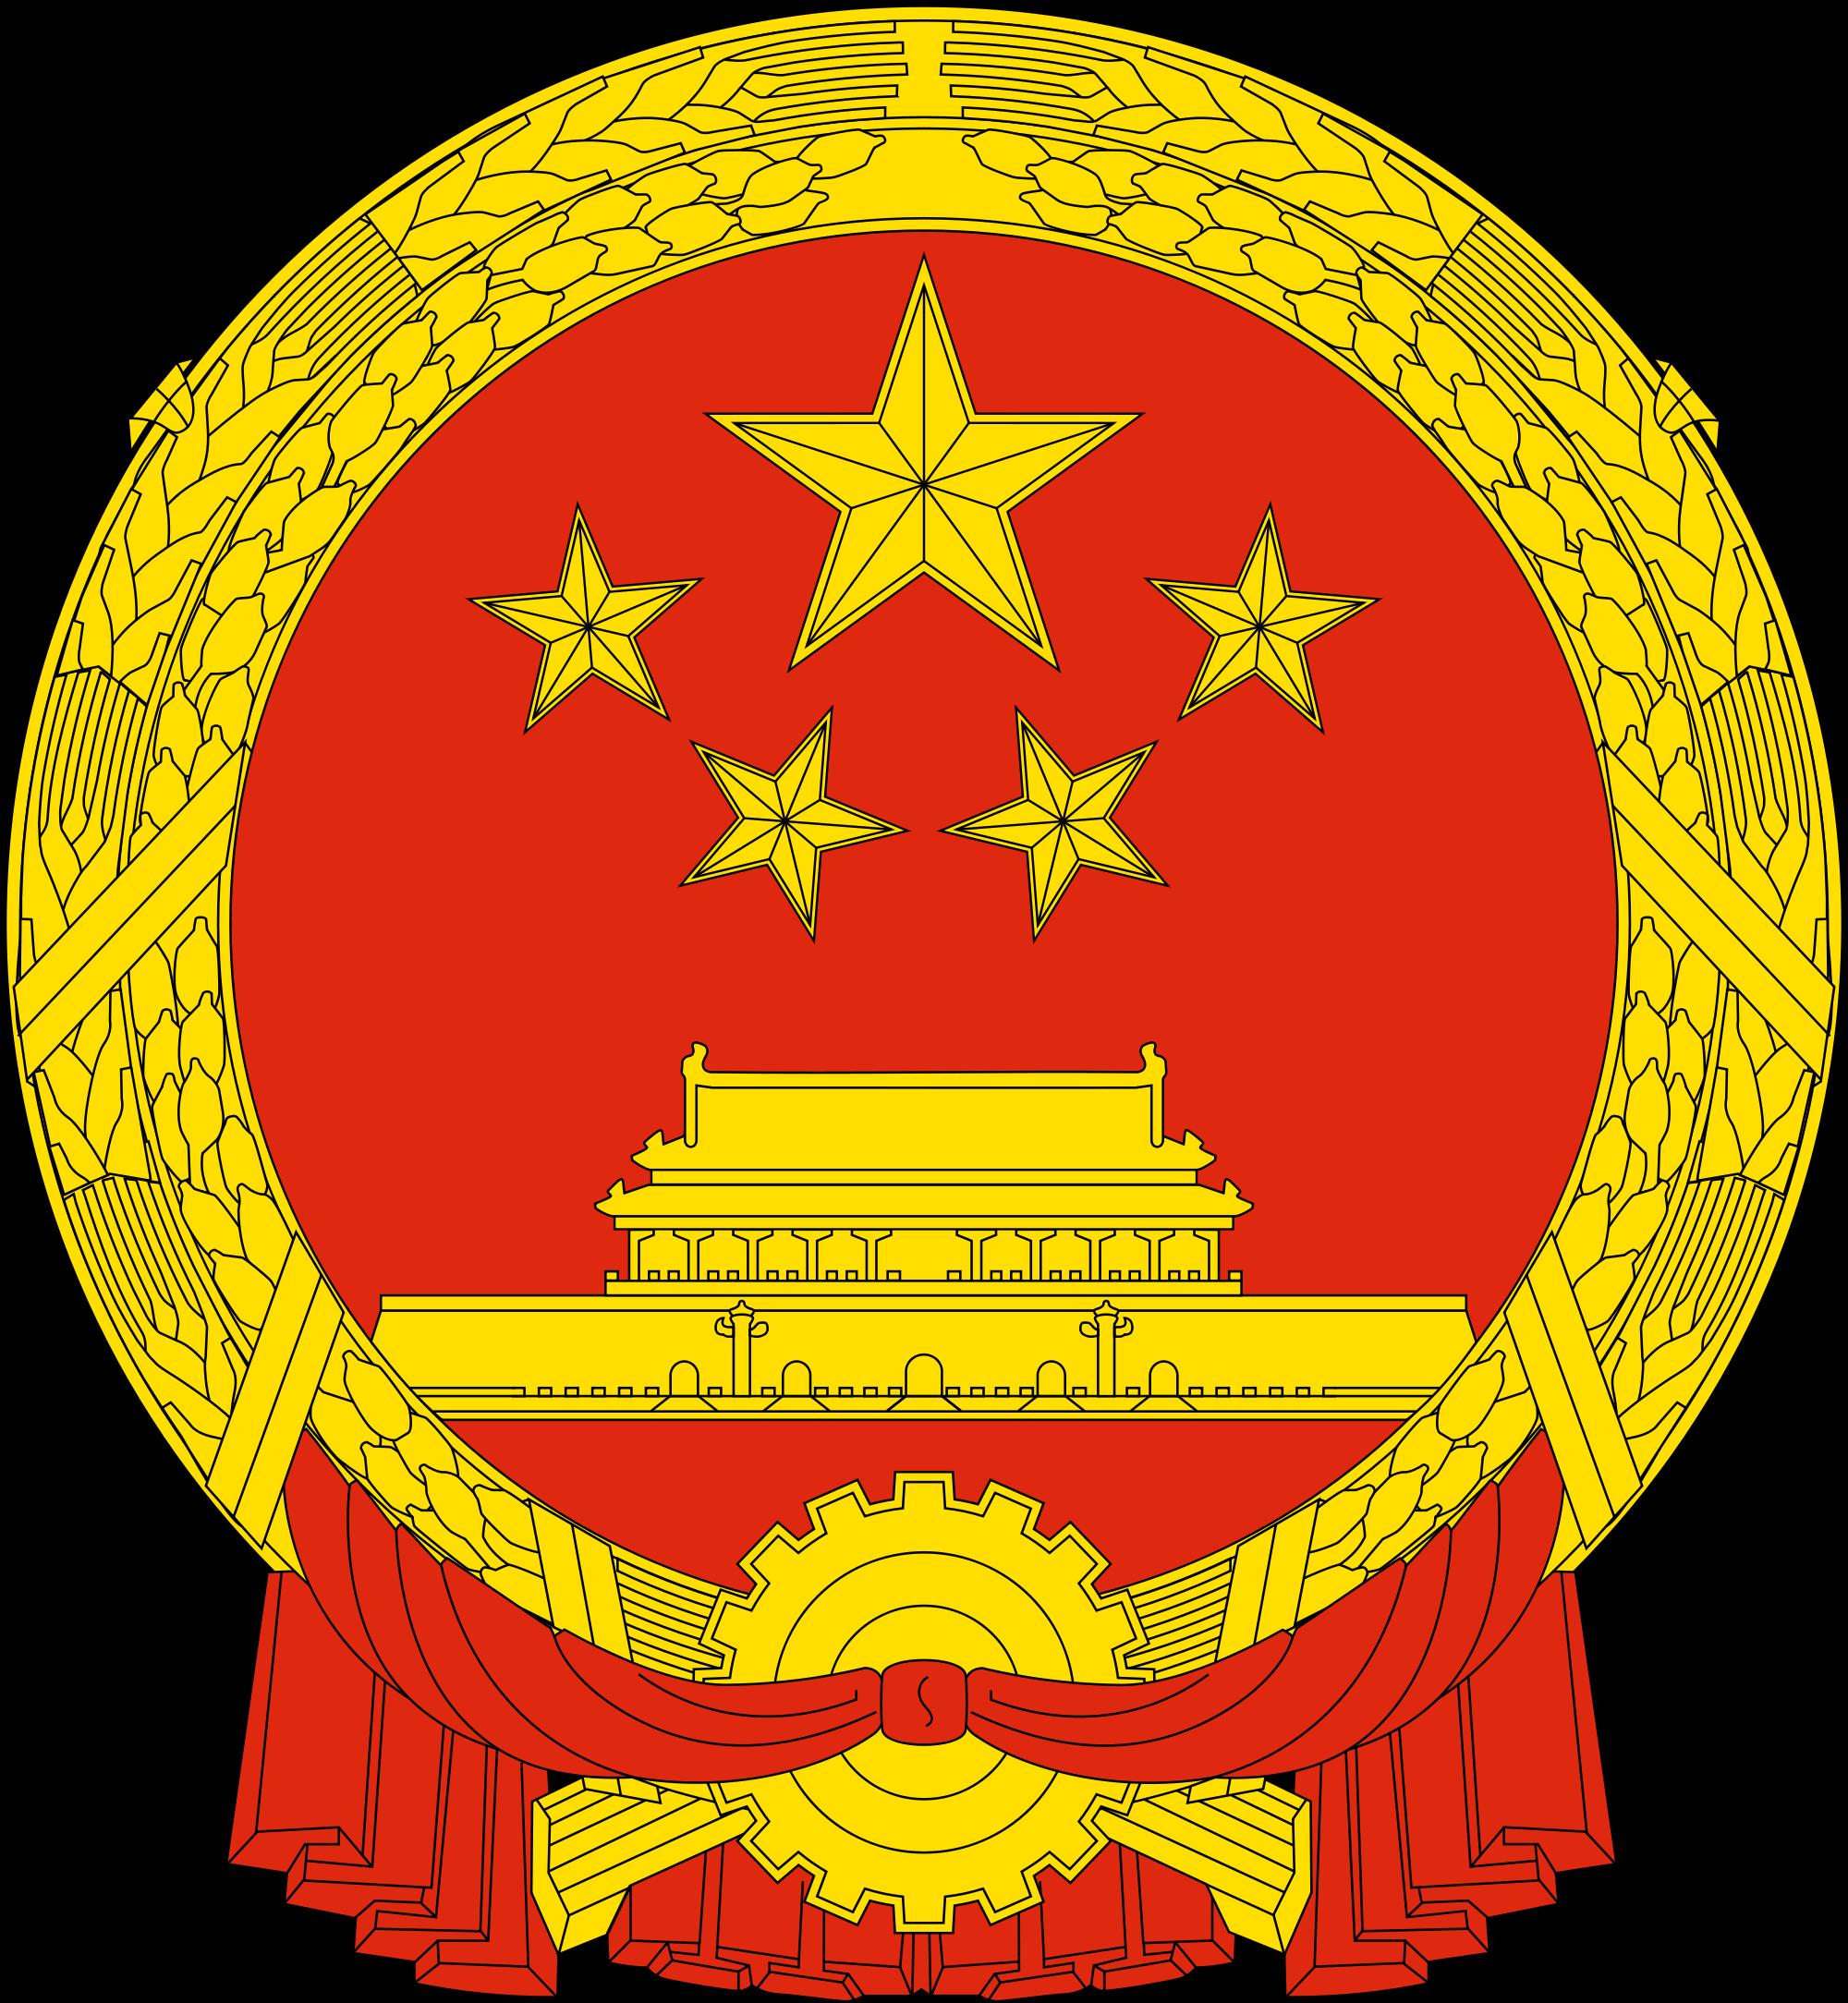 Глава группы Академии сельскохозяйственных наук Синьцзян-уйгурского автономного района КНР Ян Лилин